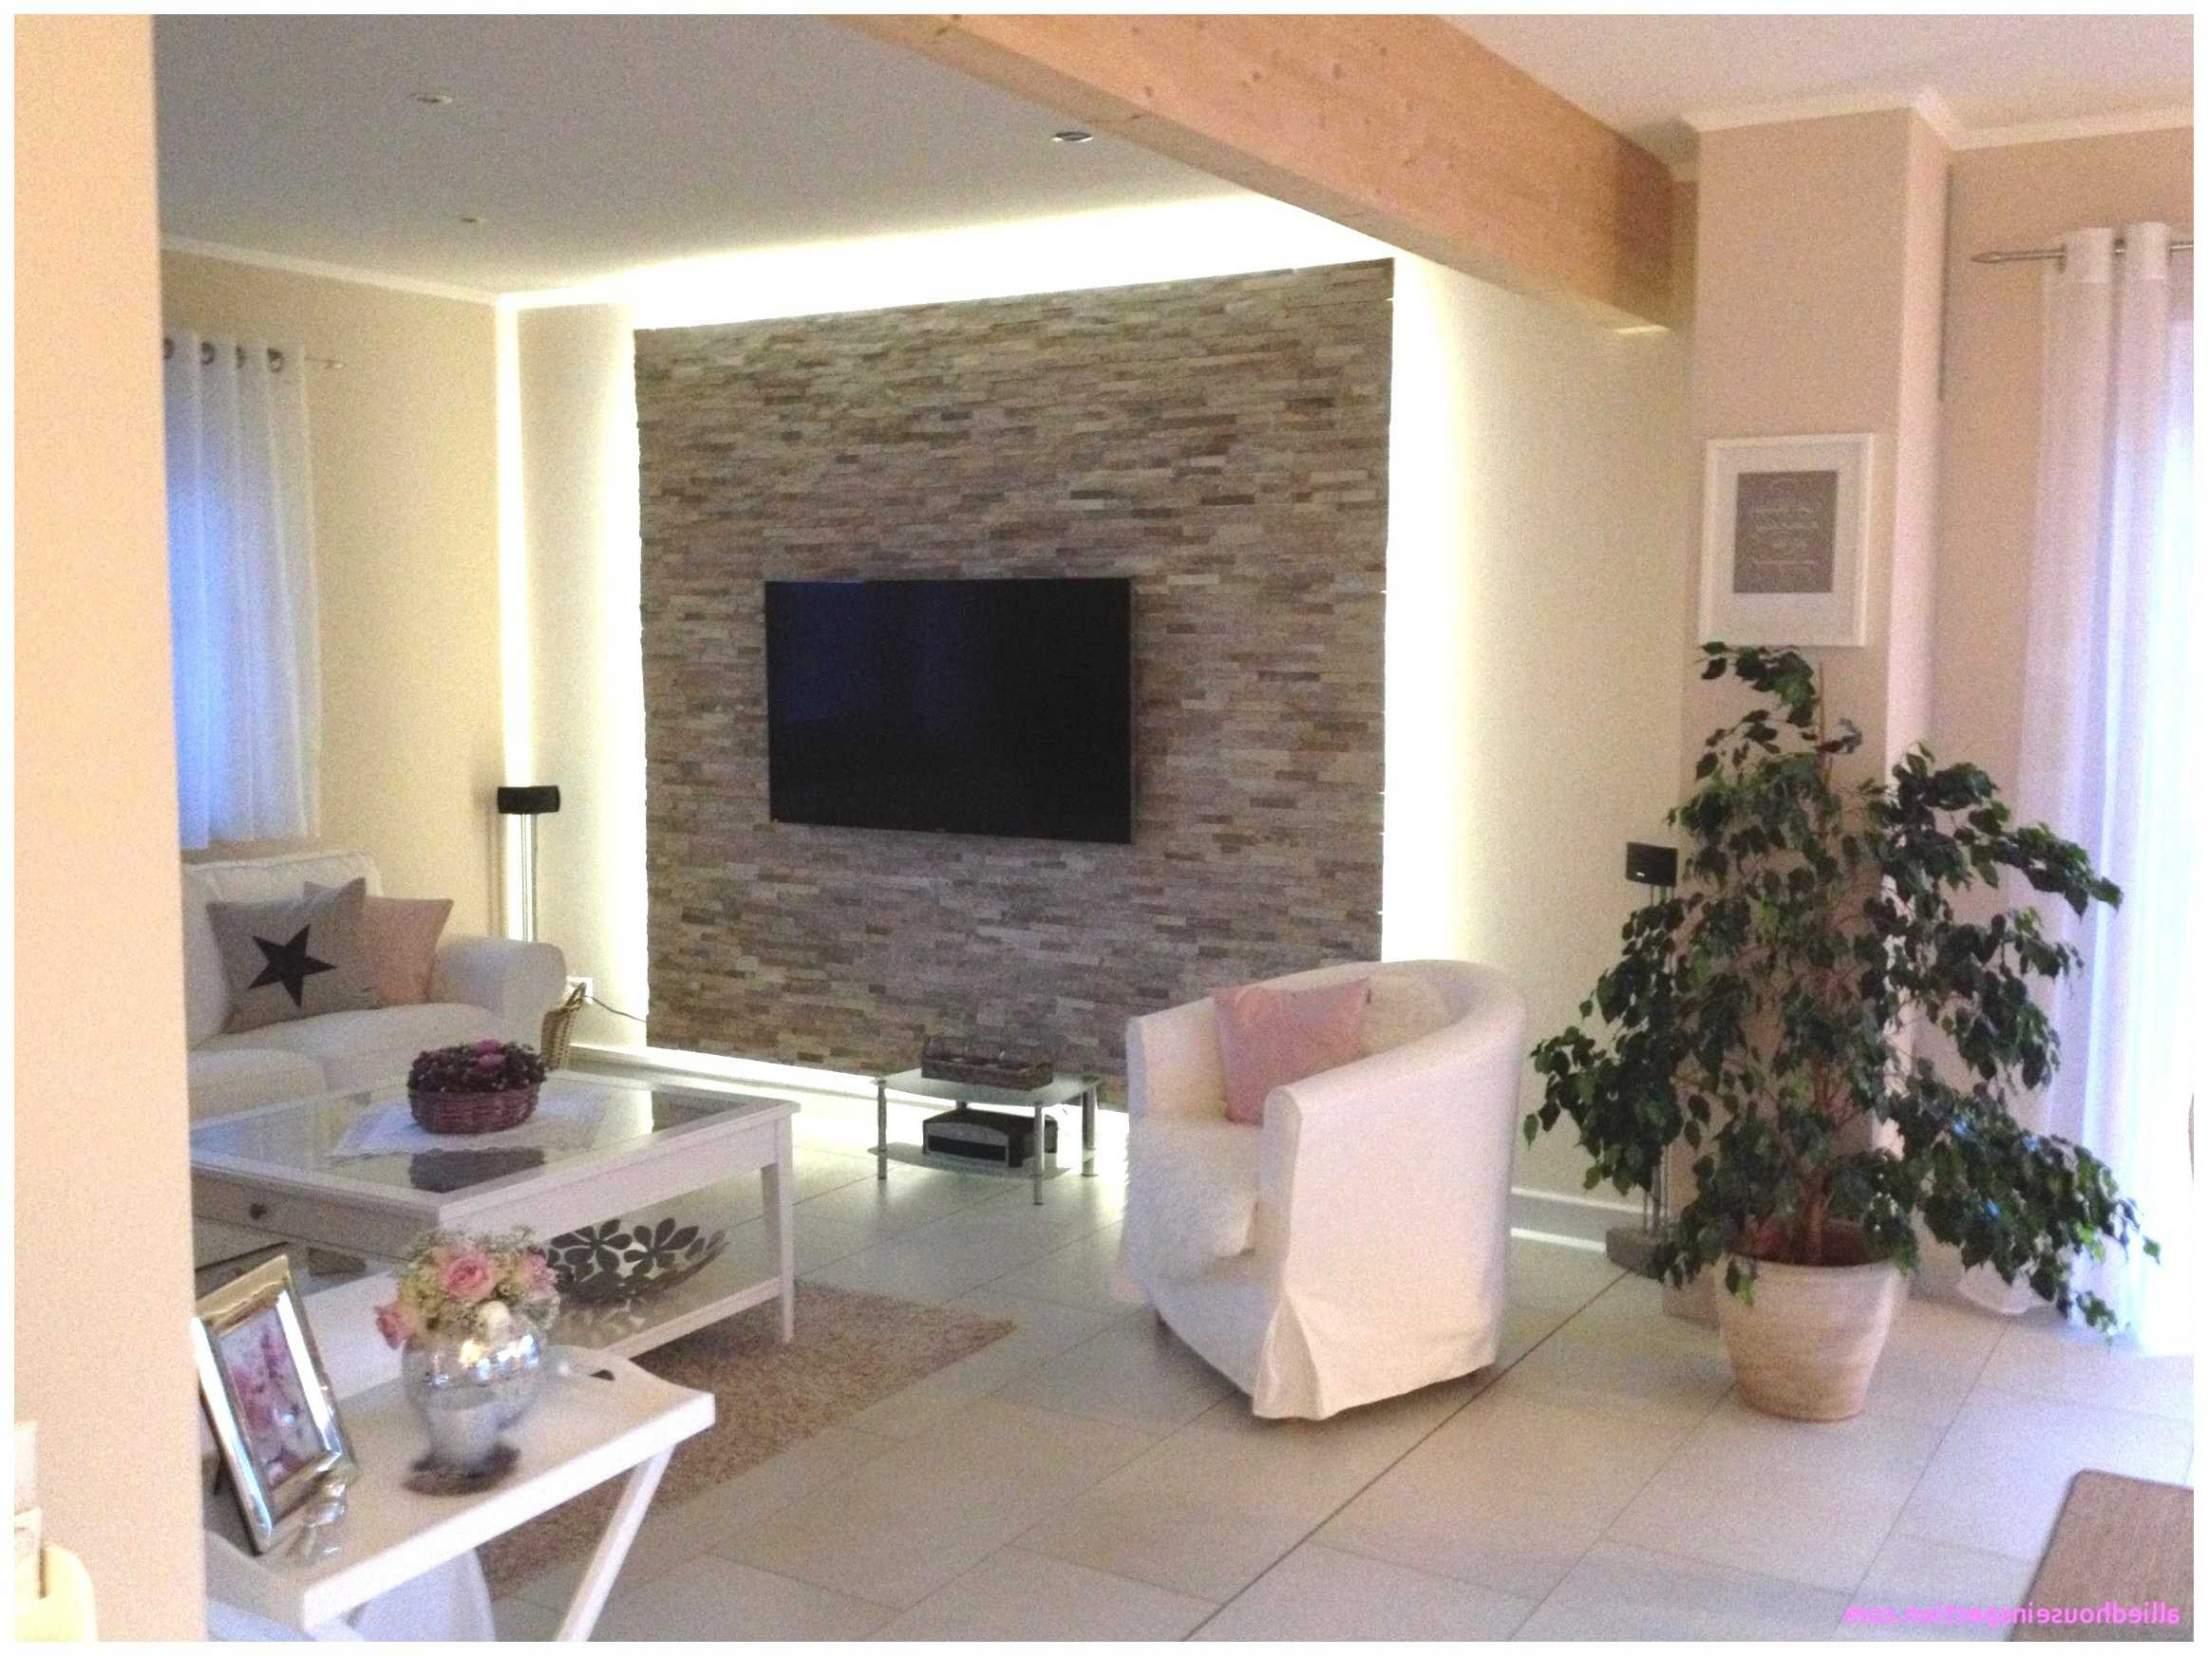 Full Size of Wohnzimmer Modern Holz Gestalten Luxus Bilder Eiche Rustikal Modernisieren Altes Mit Kamin Dekorieren Ideen Einrichten Grau Dekoration Streichen 33 Reizend Wohnzimmer Wohnzimmer Modern